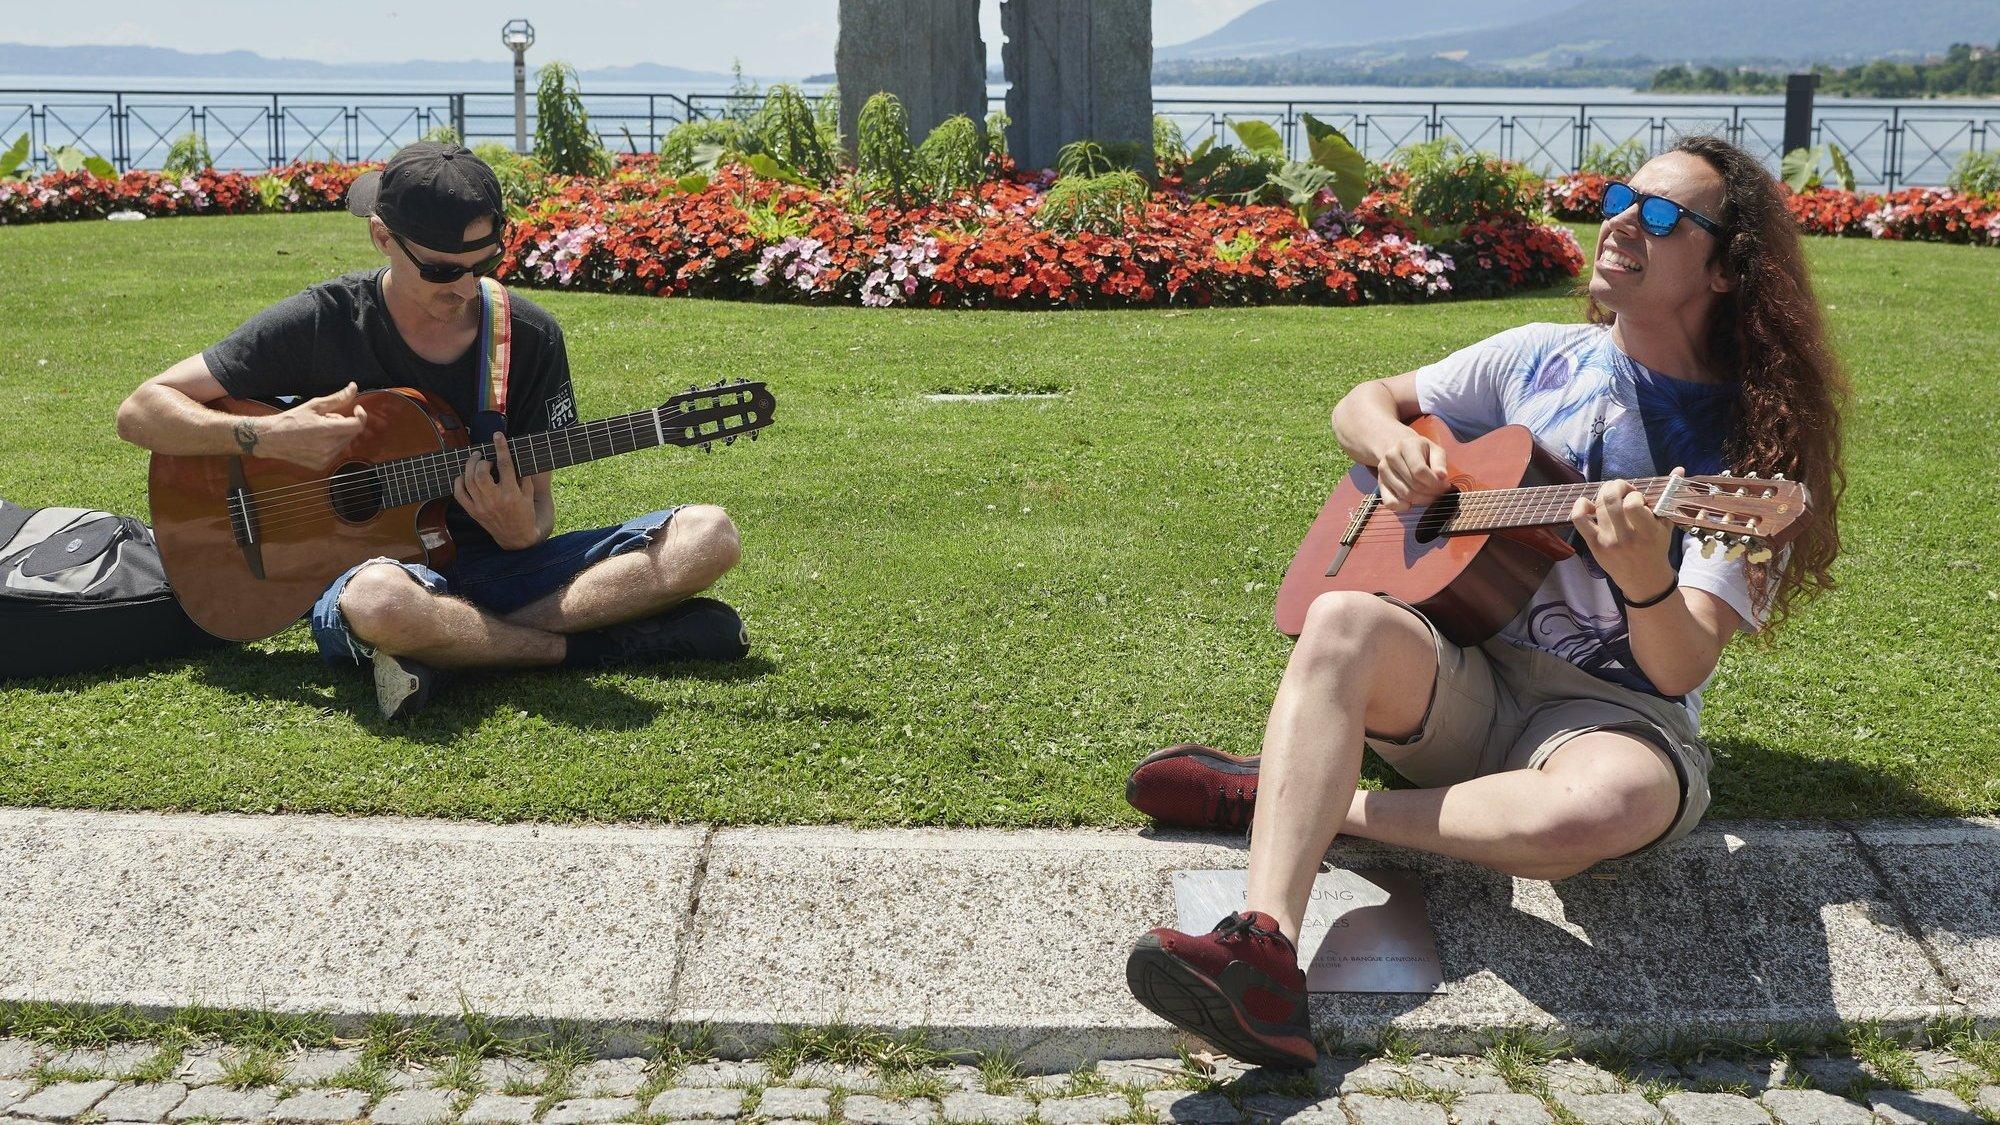 Jérémy Soulier et Laszlo Corti (à droite) se retrouvent chaque été pour se produire dans la rue.